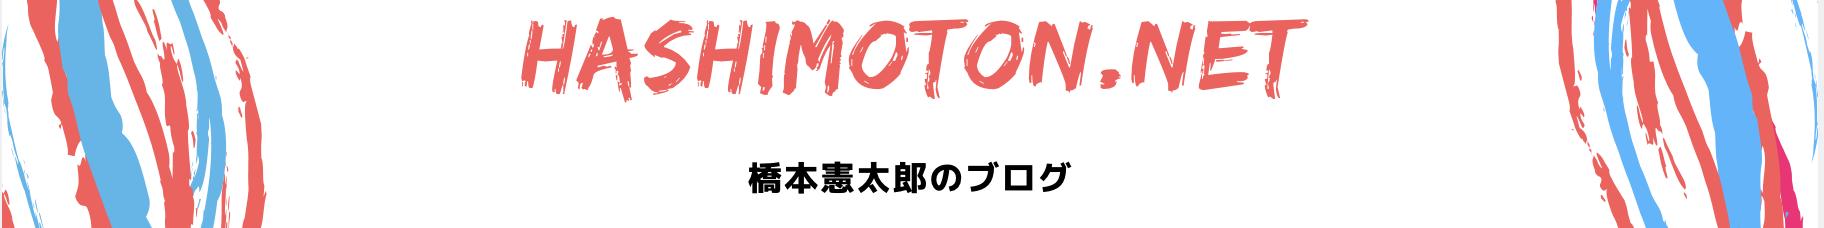 はしもとん -橋本憲太郎 公式ブログ-